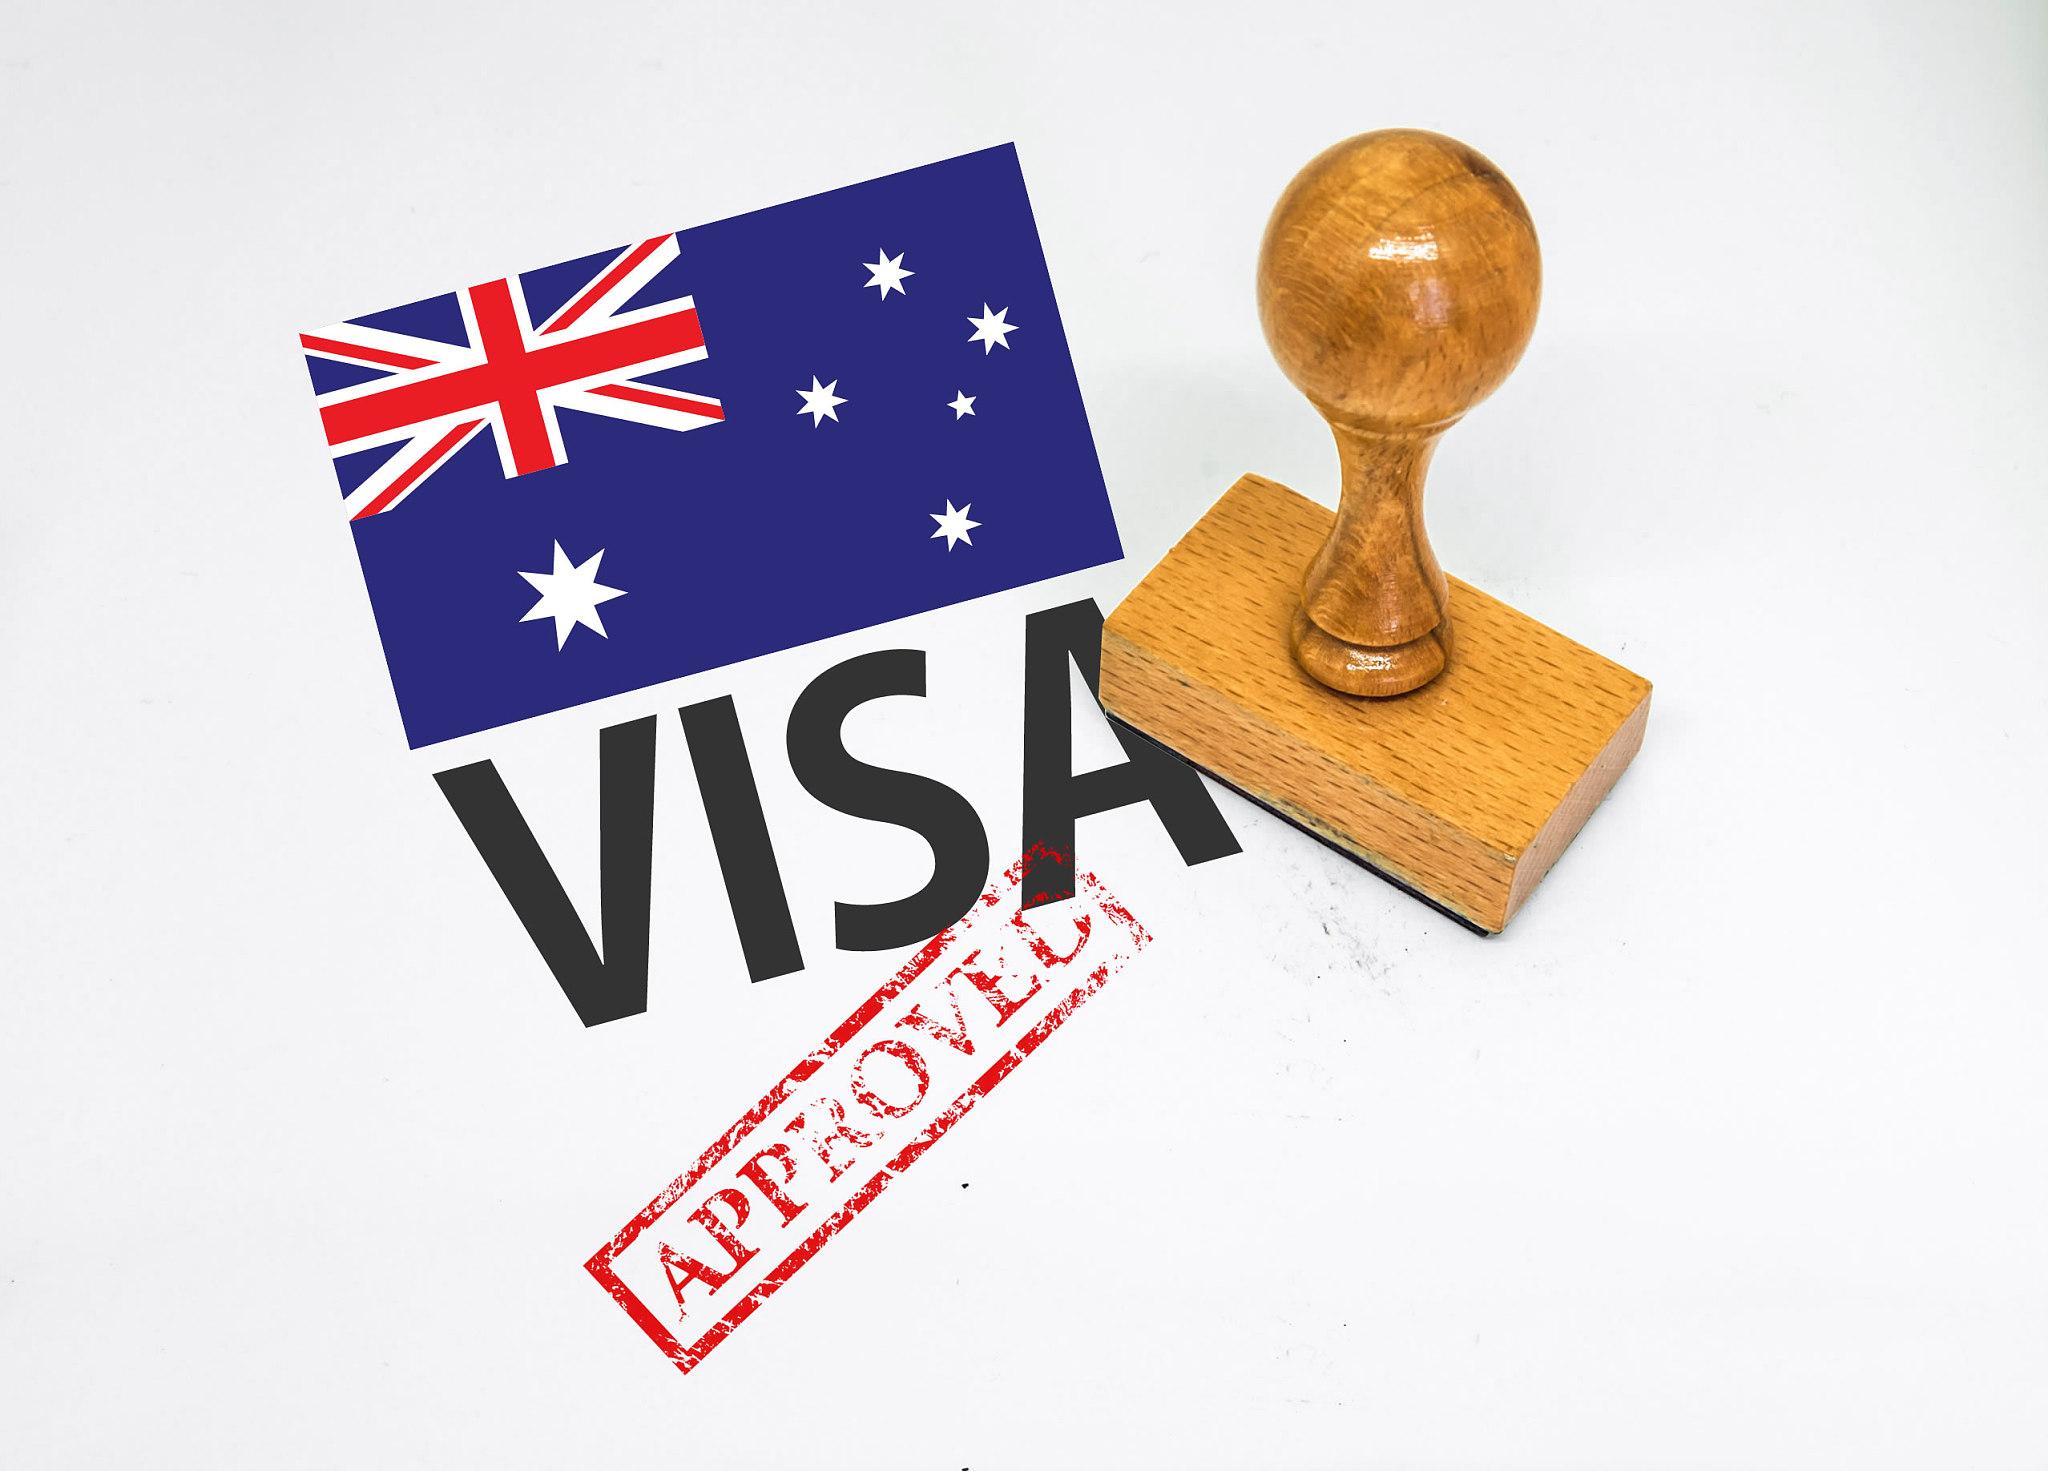 澳洲visa.jpg